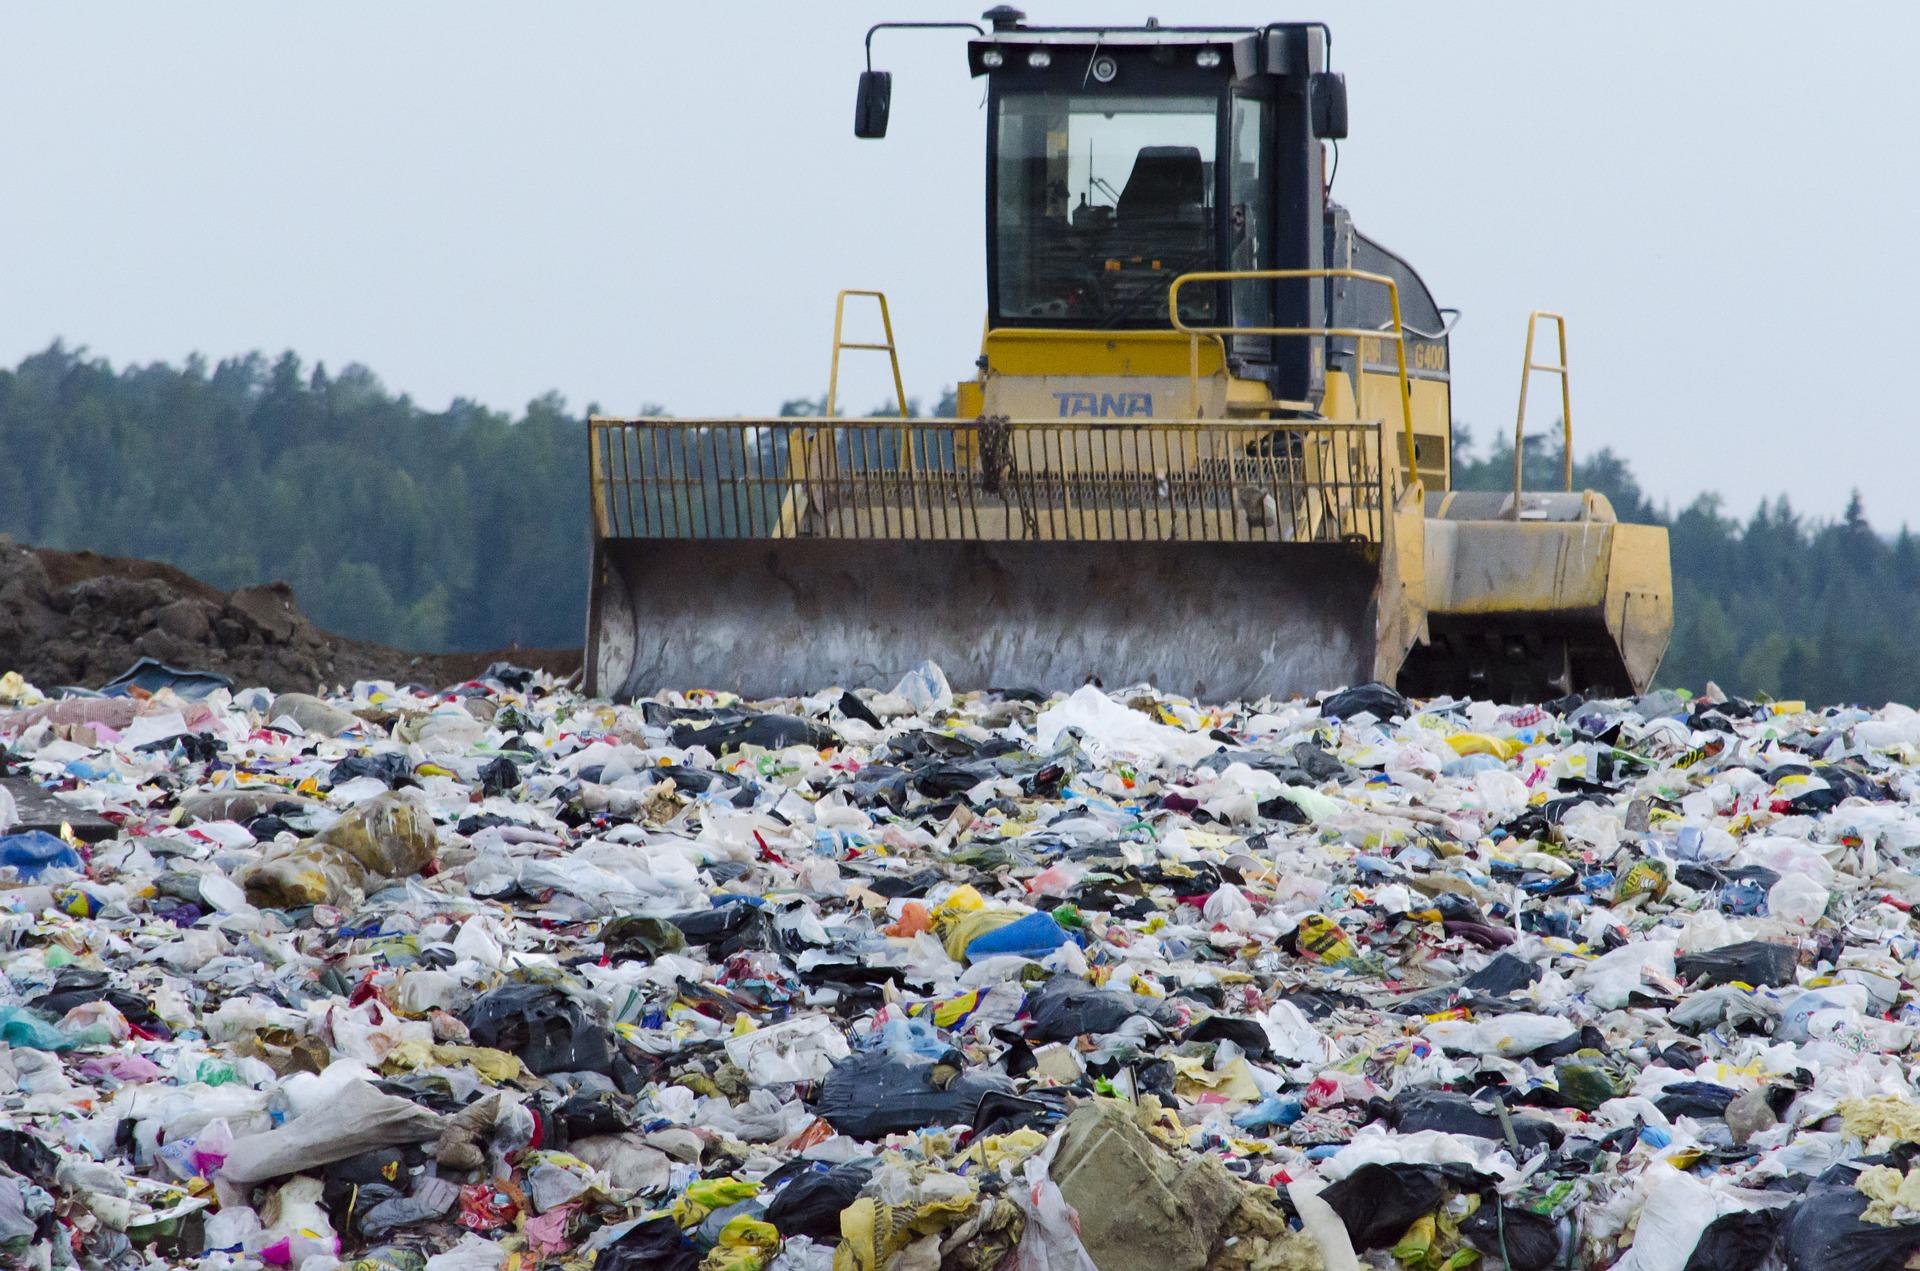 landfill-879437_1920 (1)